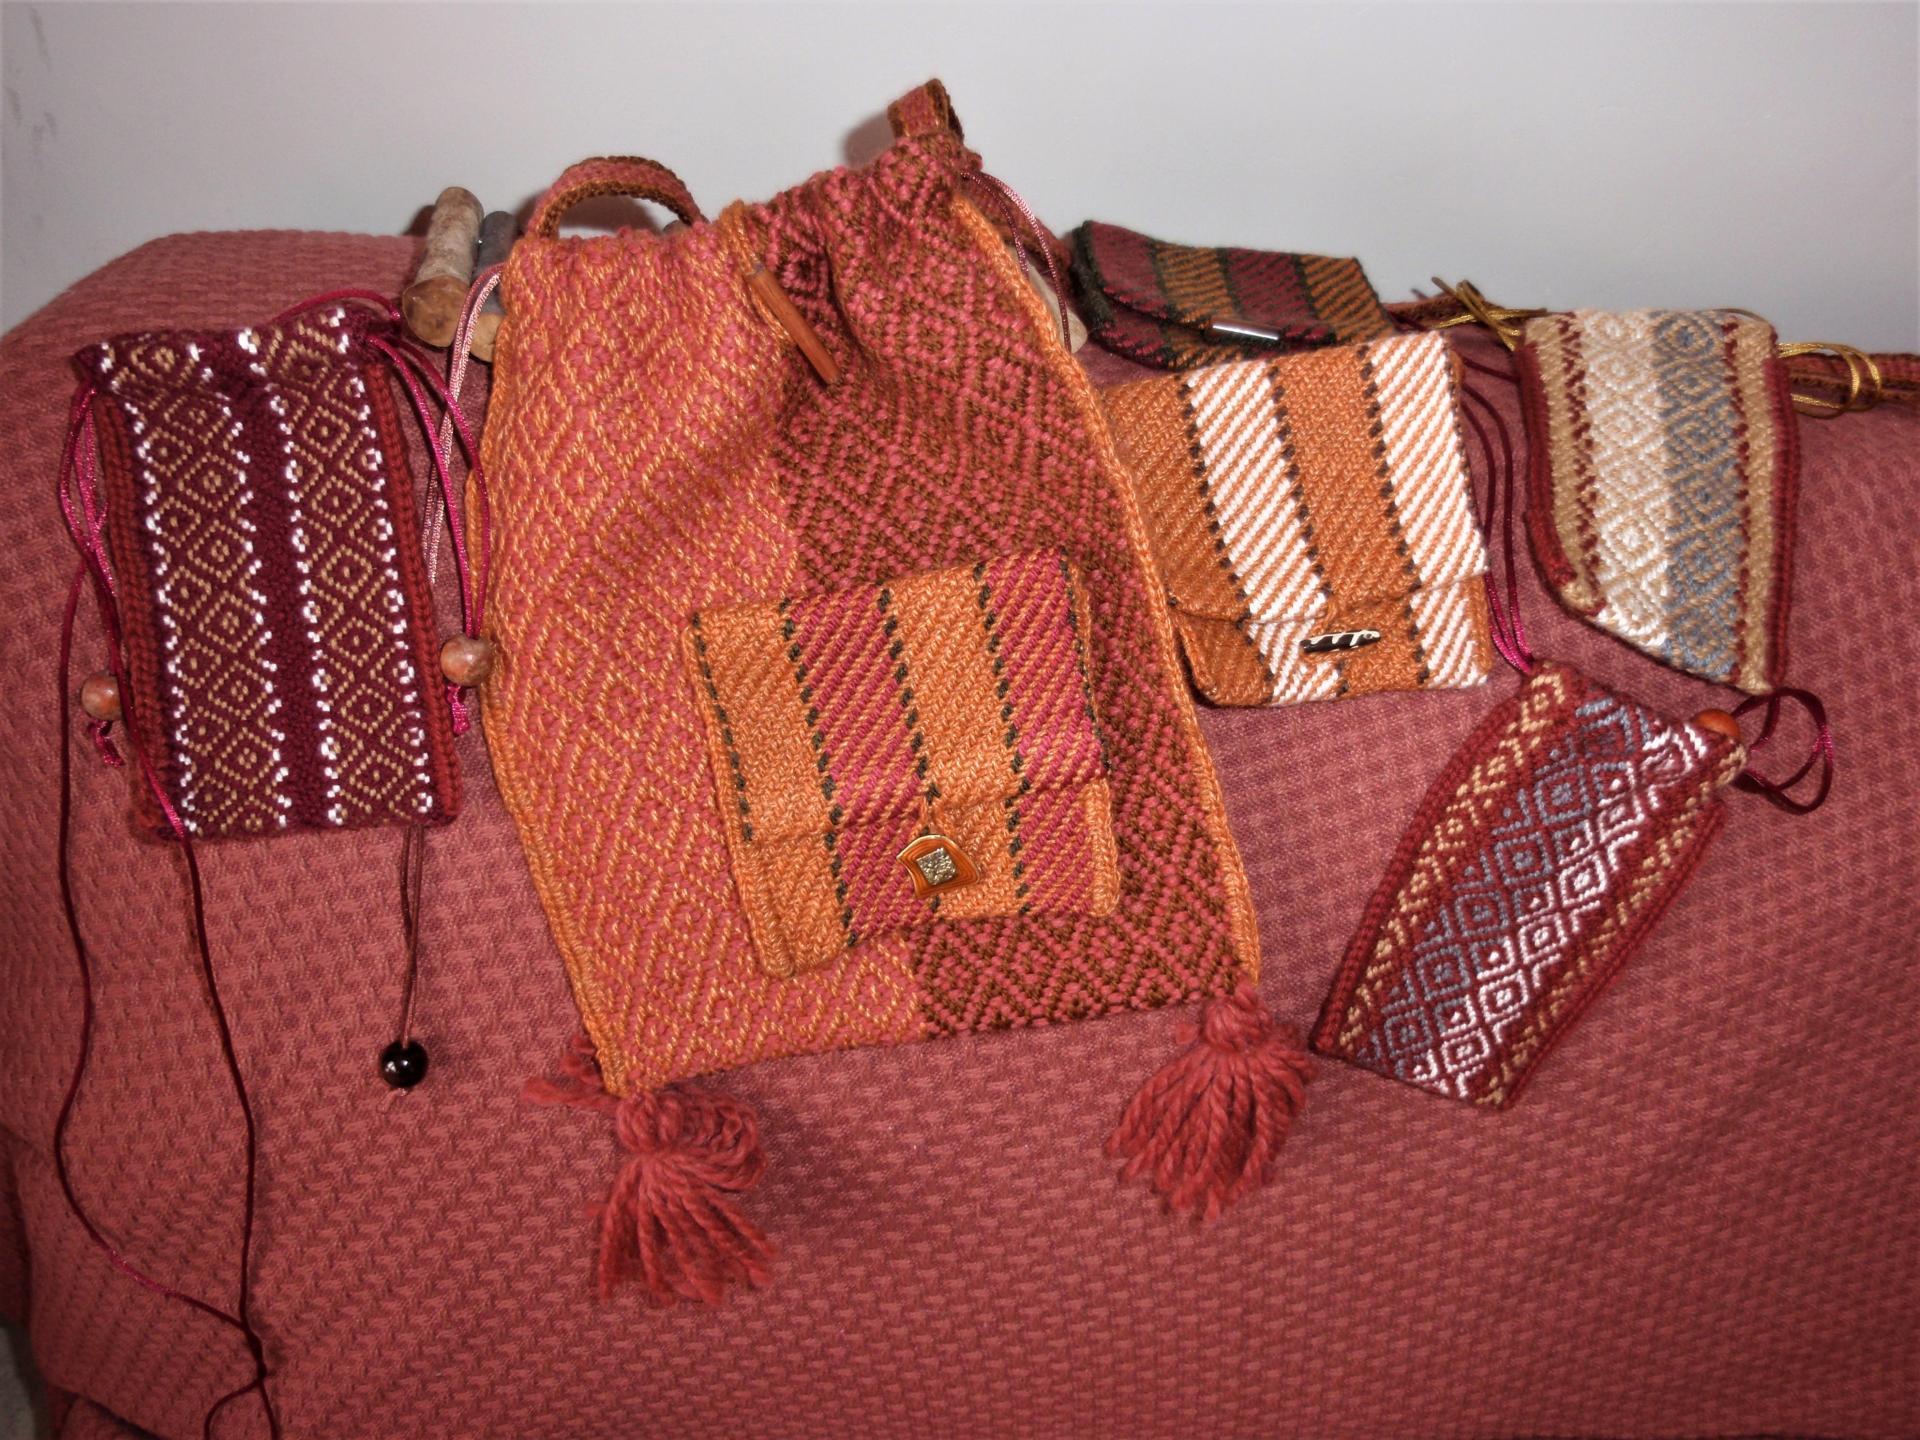 Mes créations en armures anciennes, celtes et médiévales, en vente au Centre européen des Métiers d'Art de Givet (08) et au Parc archéologique de Samara (80)